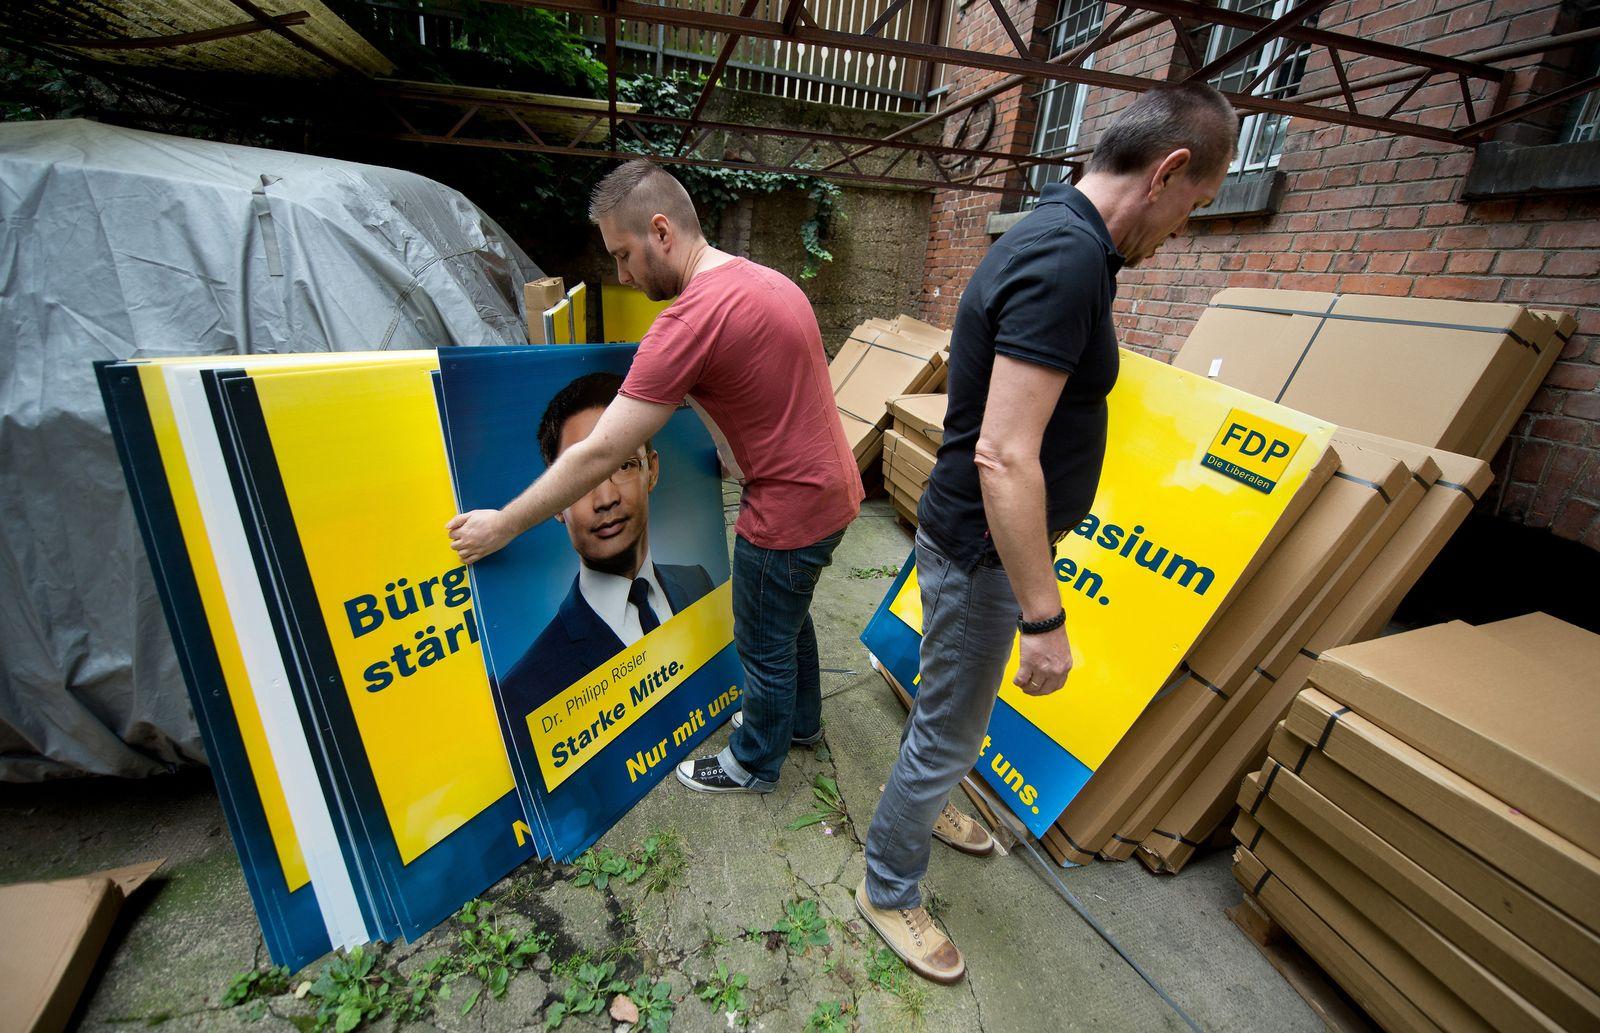 Plakate für die Bundestagswahl